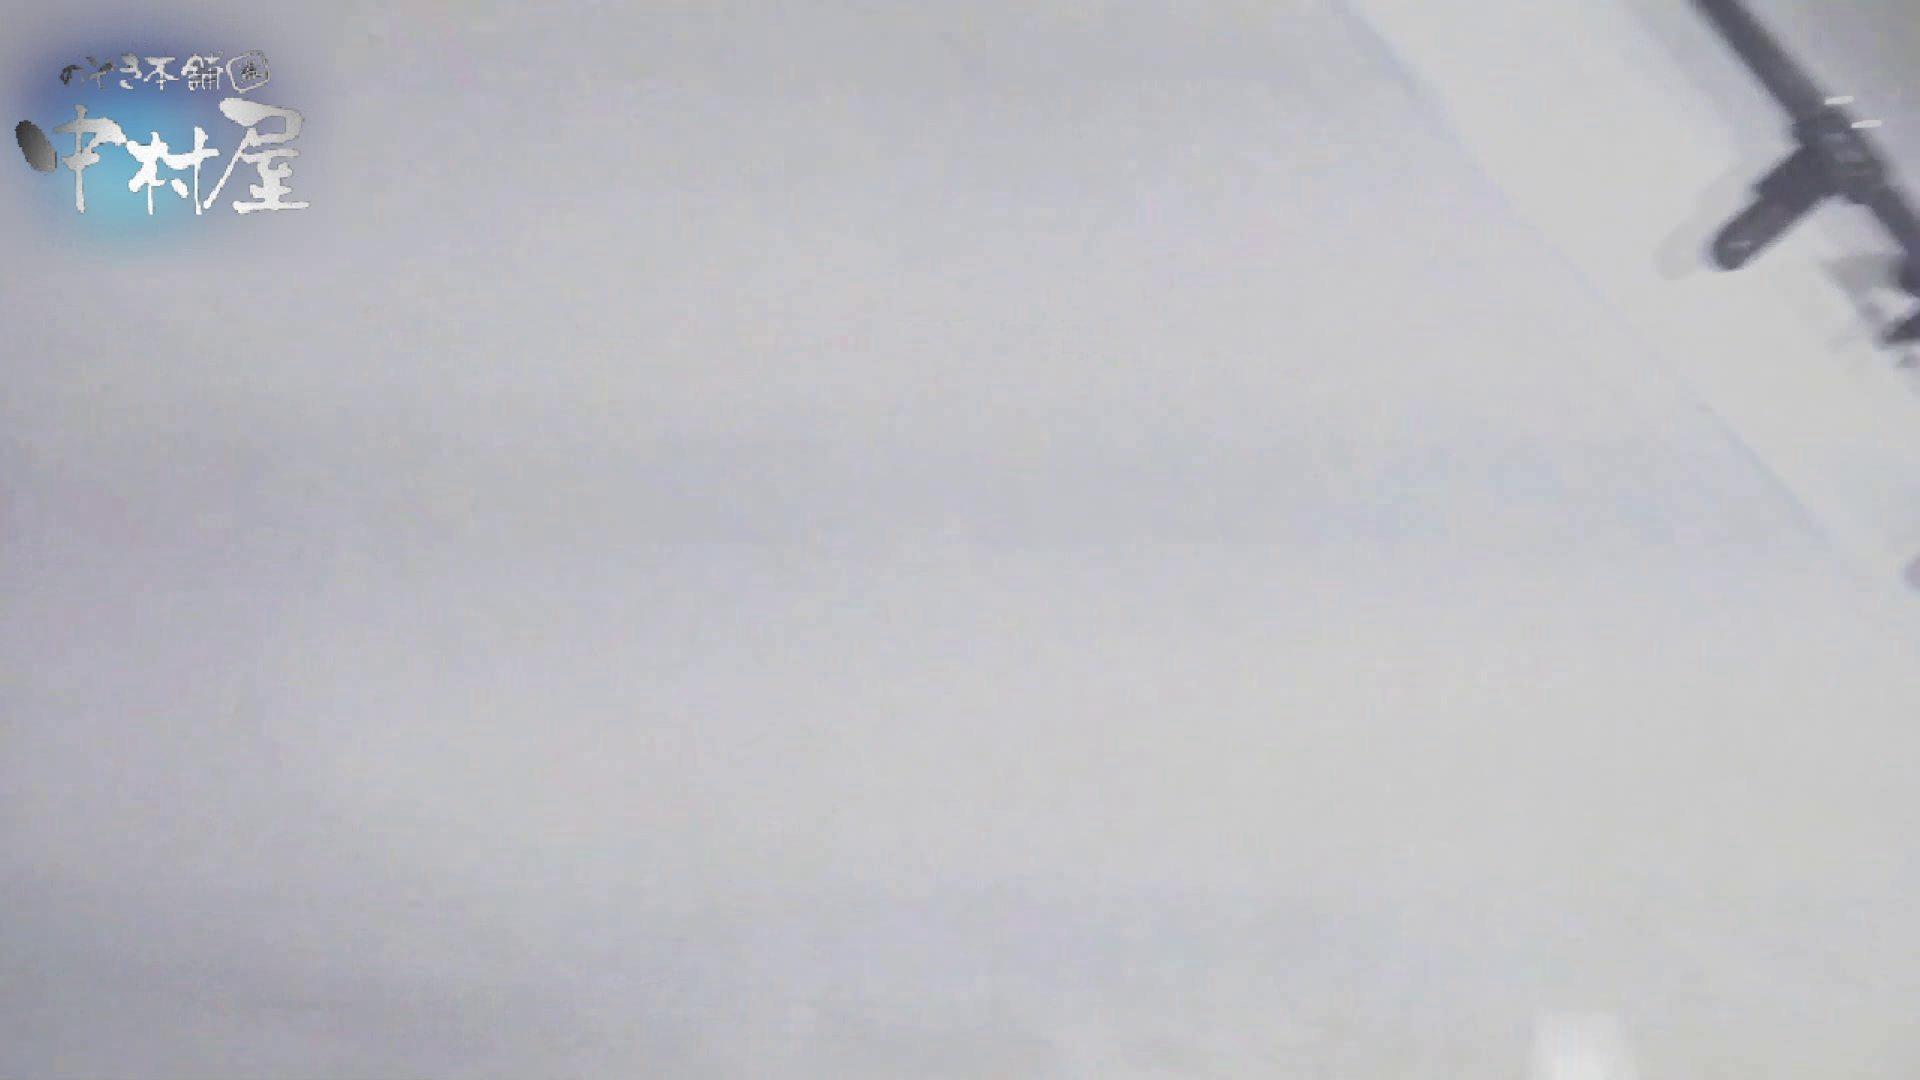 乙女集まる!ショッピングモール潜入撮vol.08 丸見え | HなOL  53pic 17